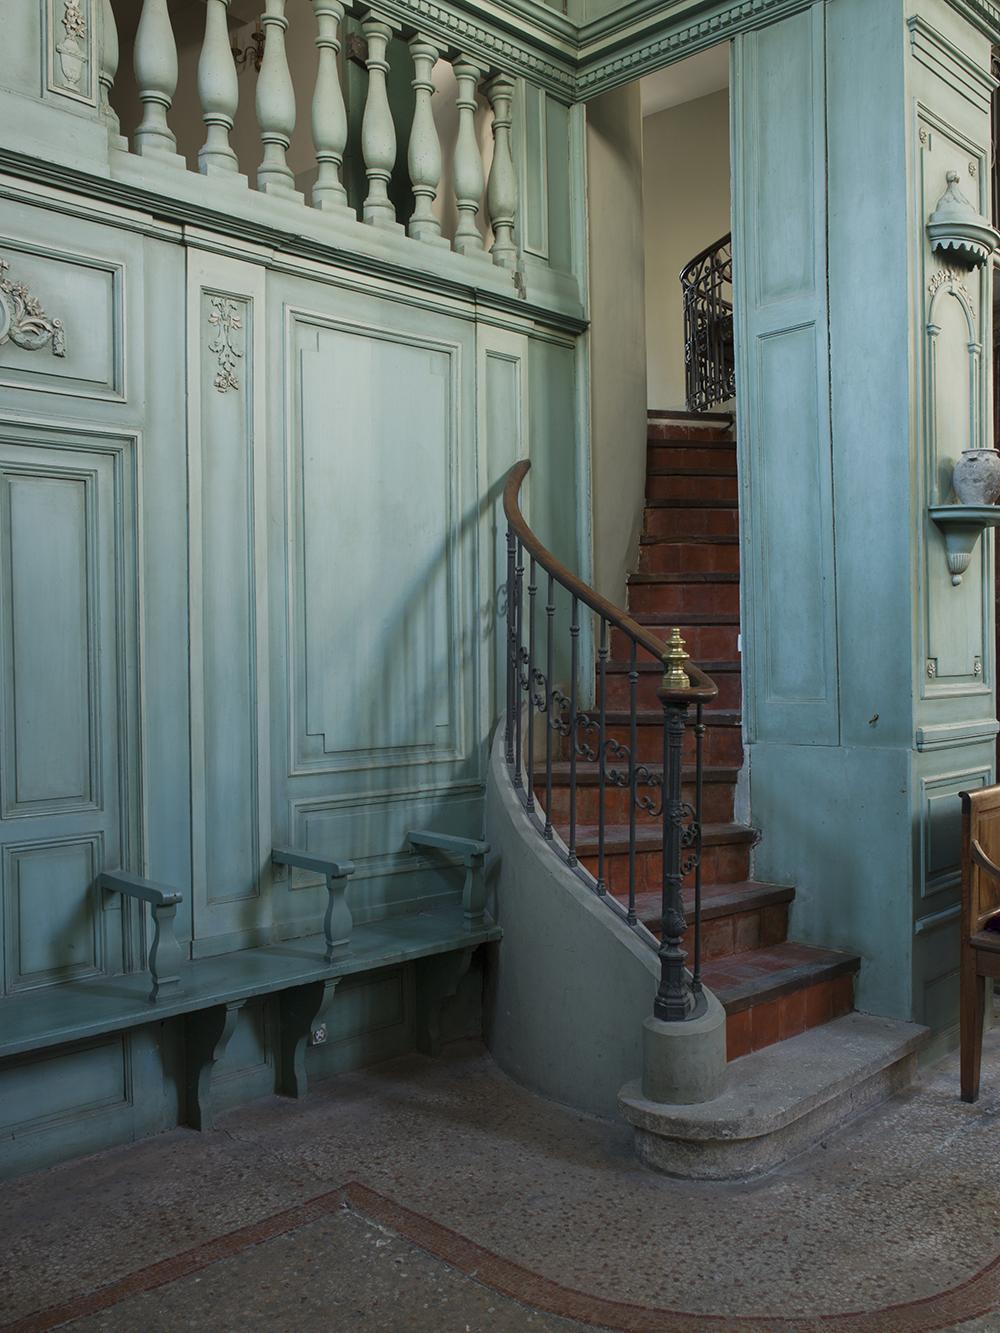 synagogue 25.jpg